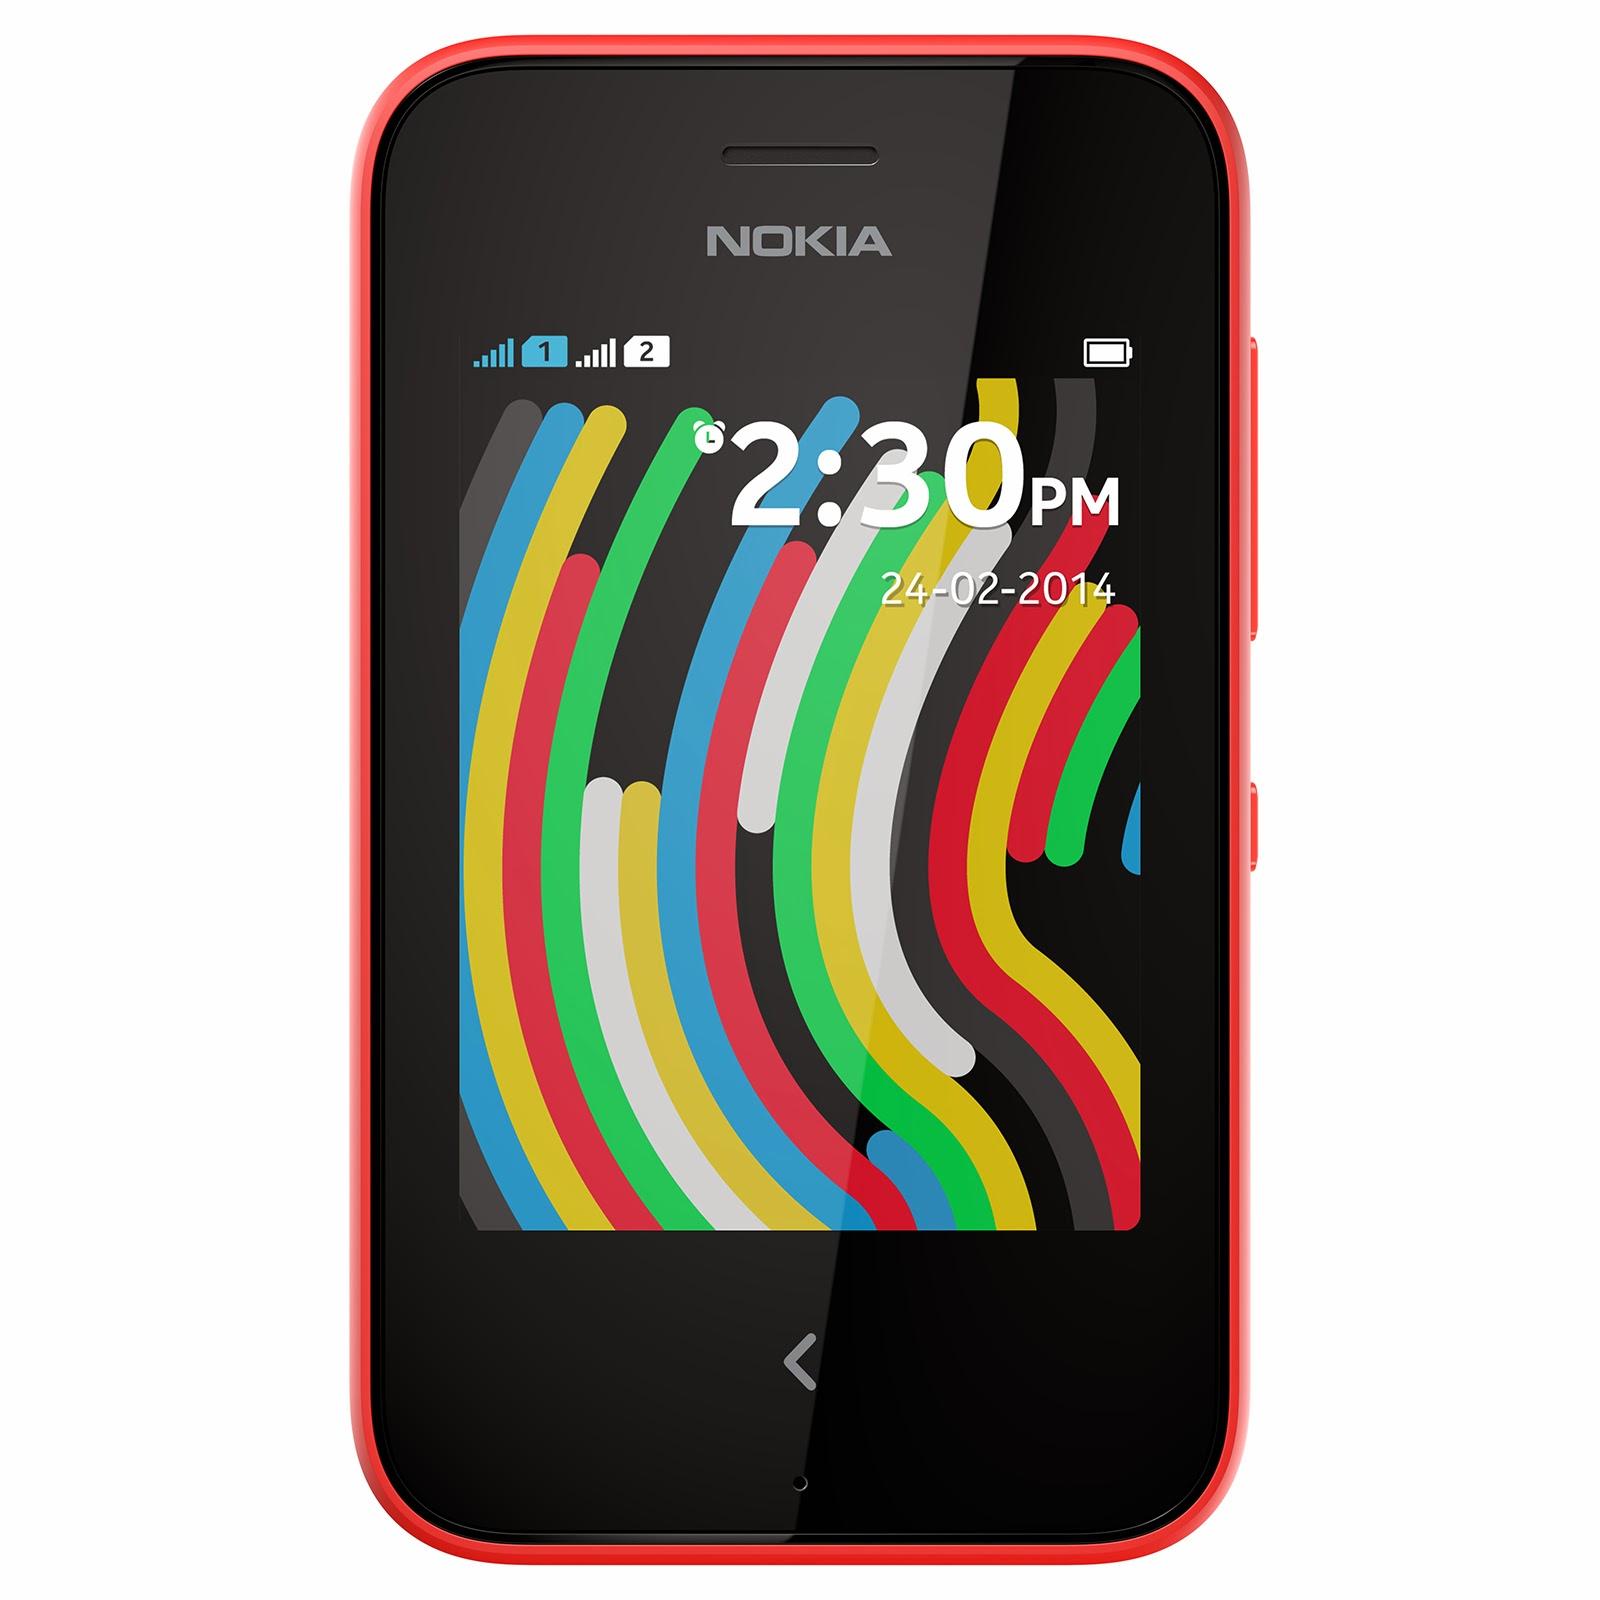 The Nokia Asha 230 is a feature phone which runs Nokia's Asha platform